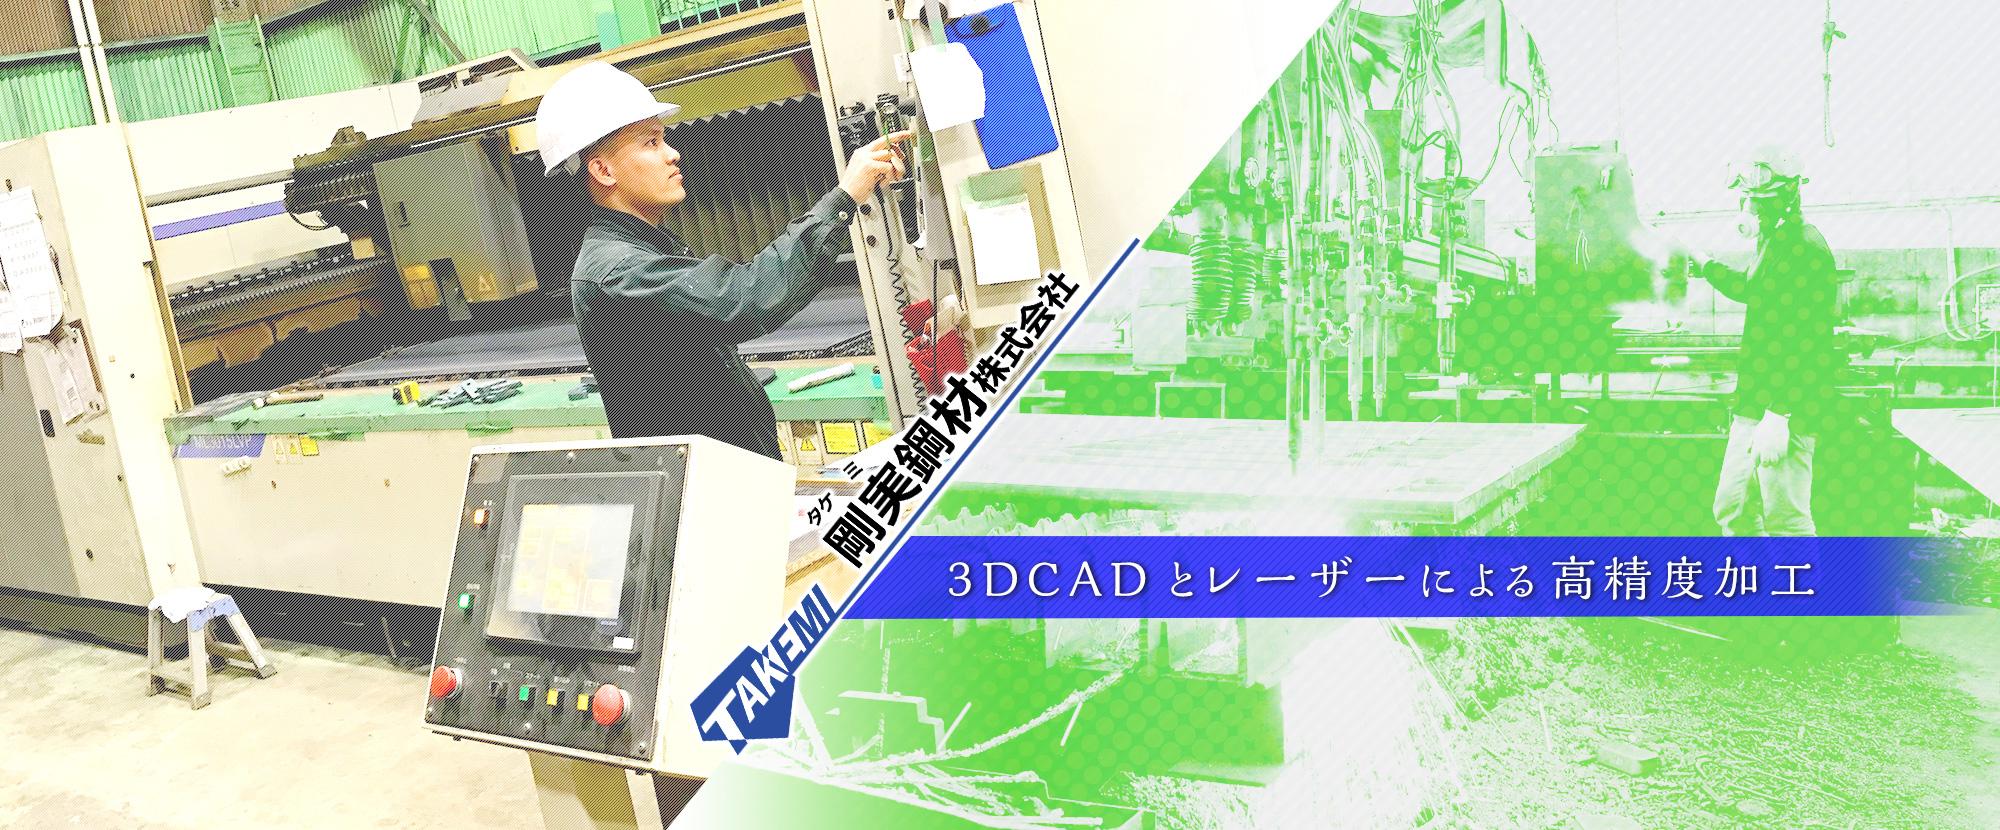 3DCADとレーザーによる高精度加工